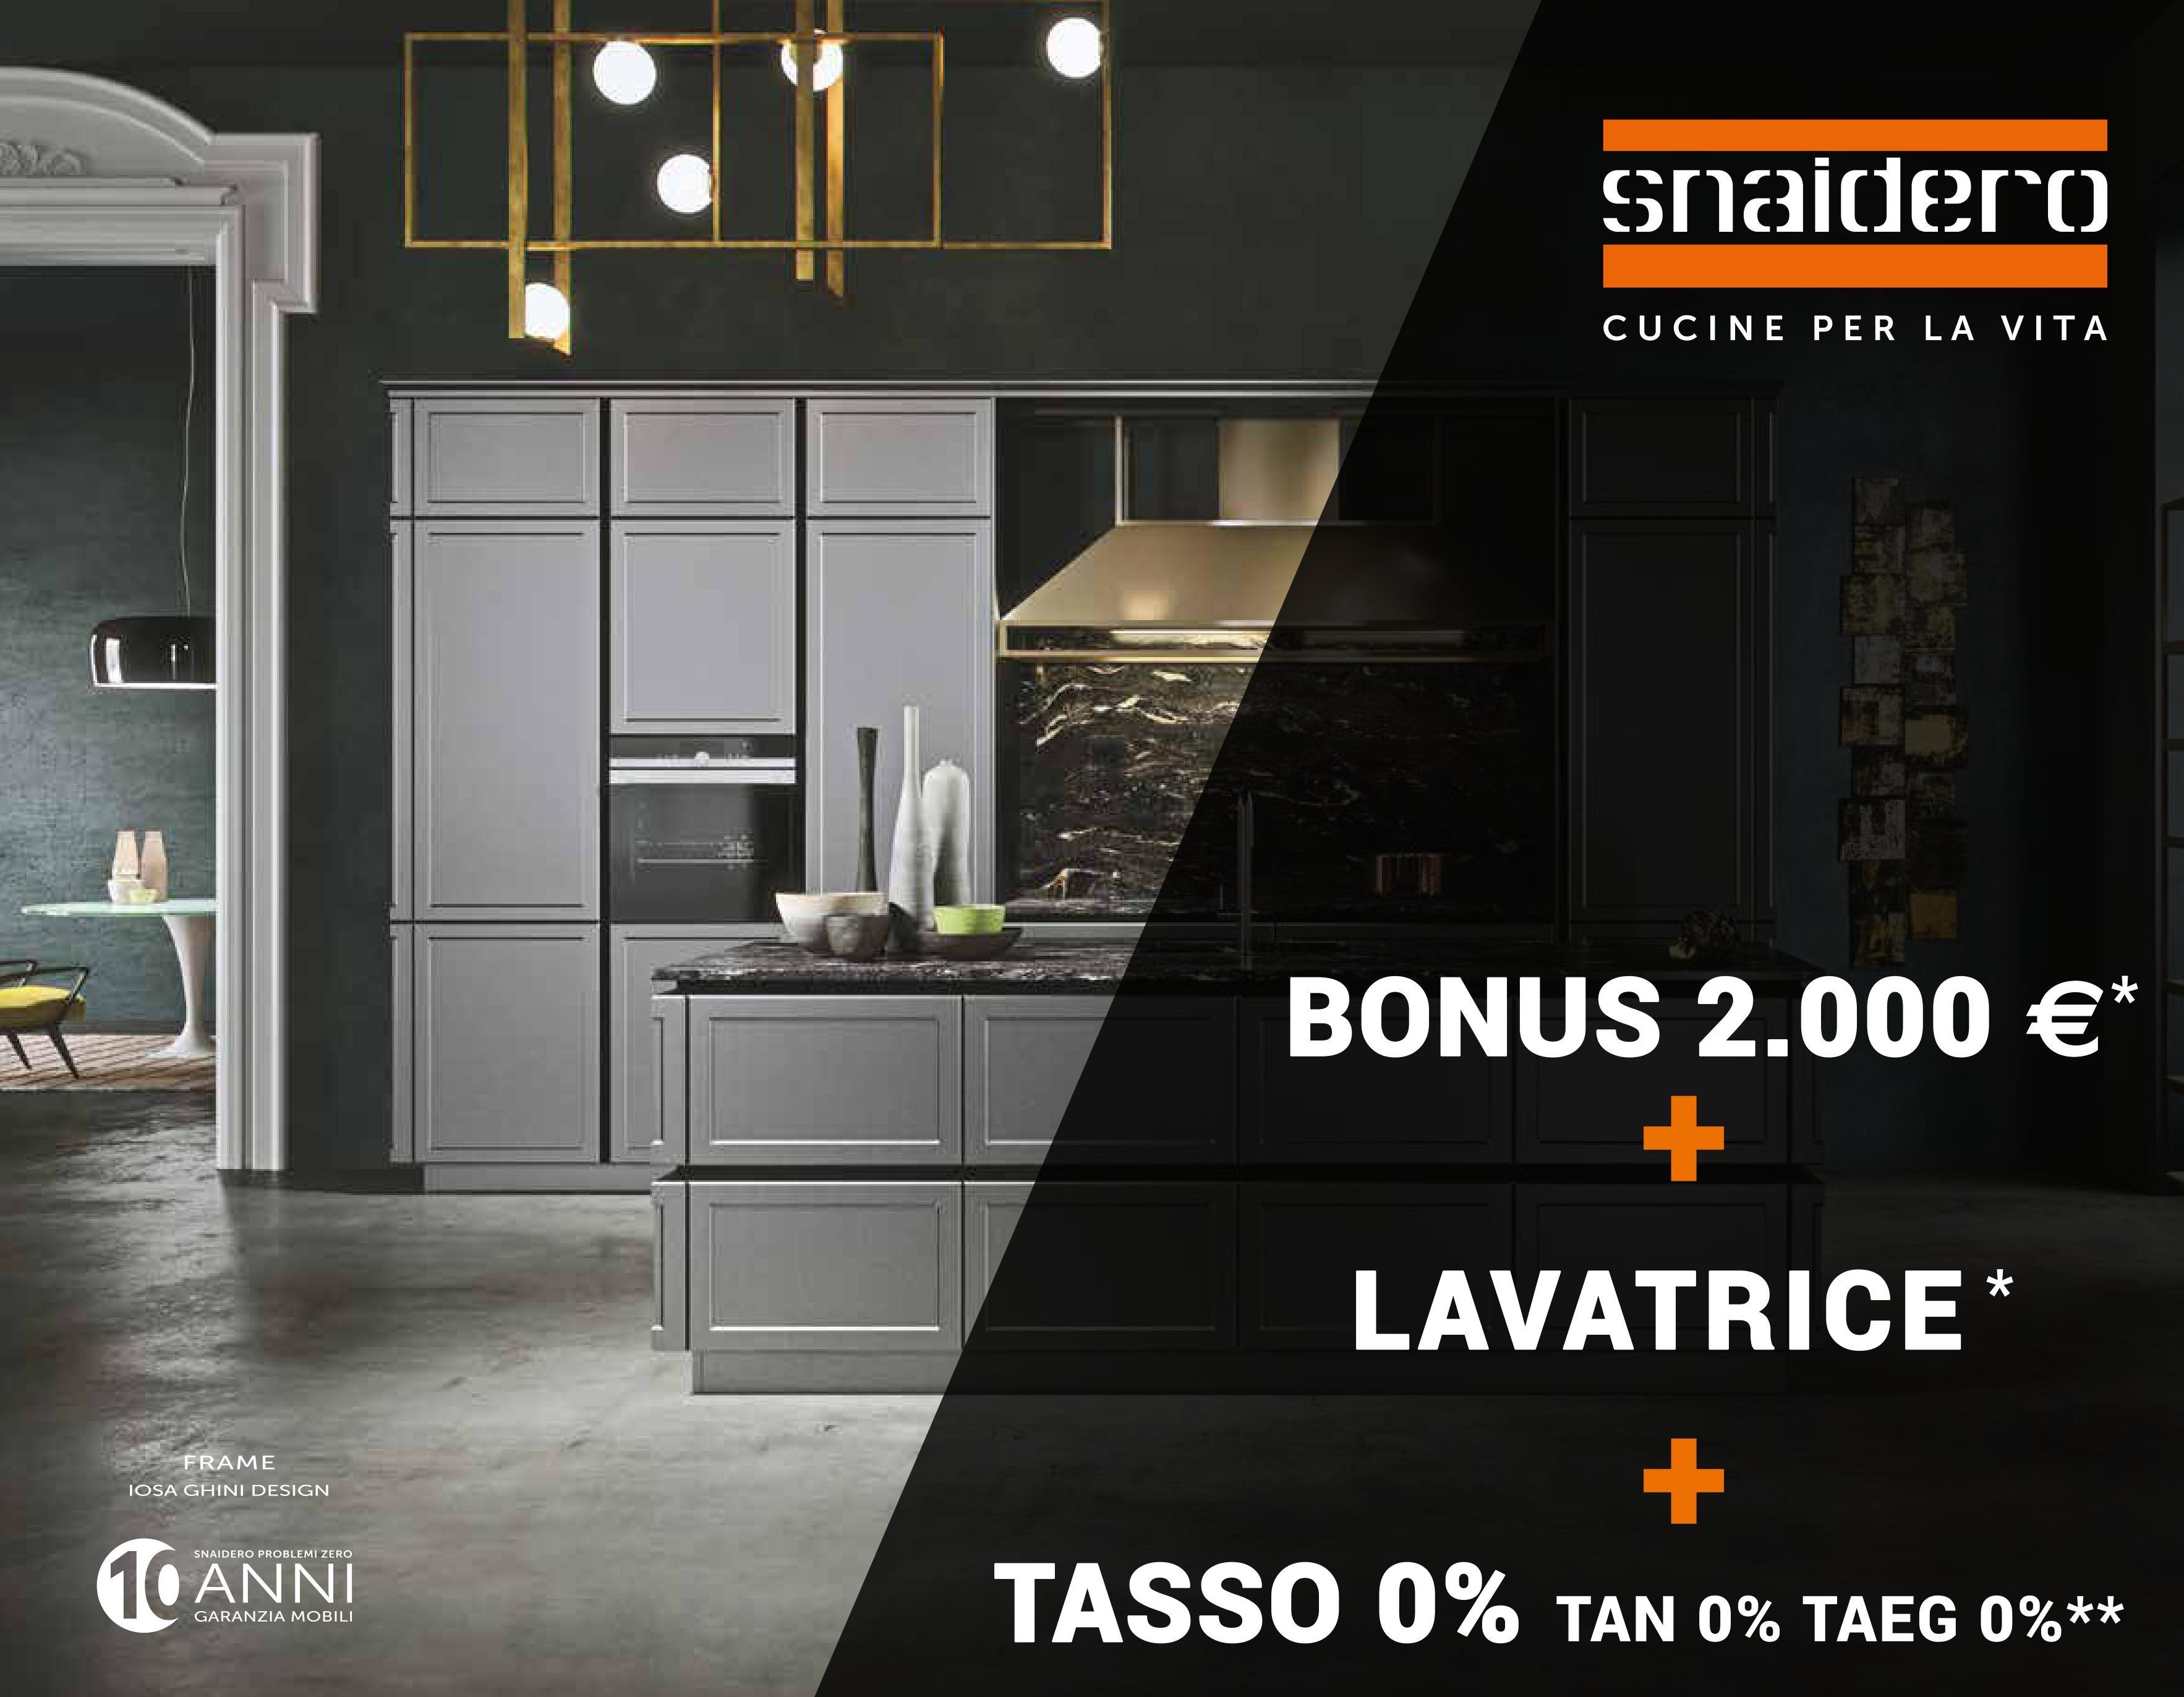 Snaidero bonus 2000 lavatrice cecchini arreda for Cecchini arreda